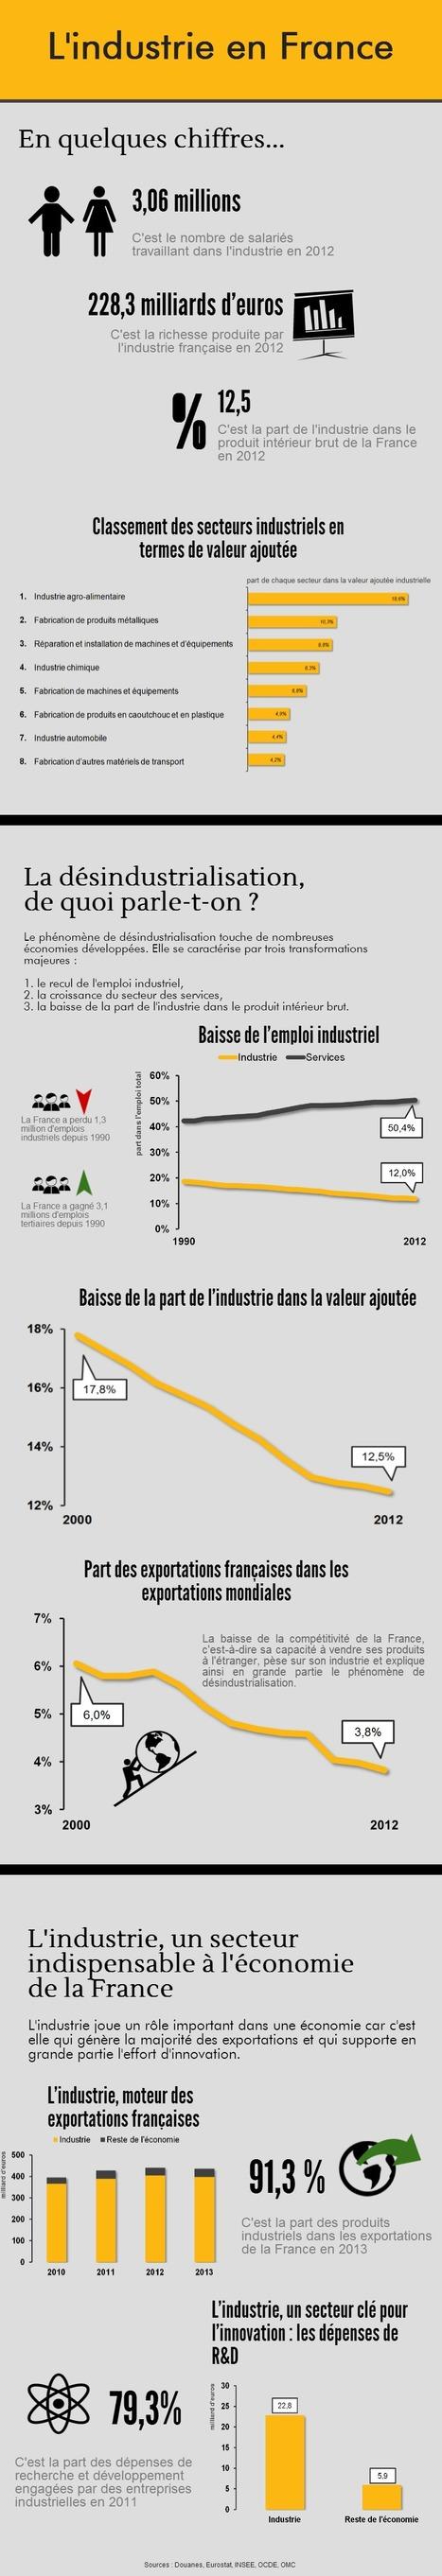 Infographie - L'industrie en France | Les jeunes et l'industrie | Scoop.it